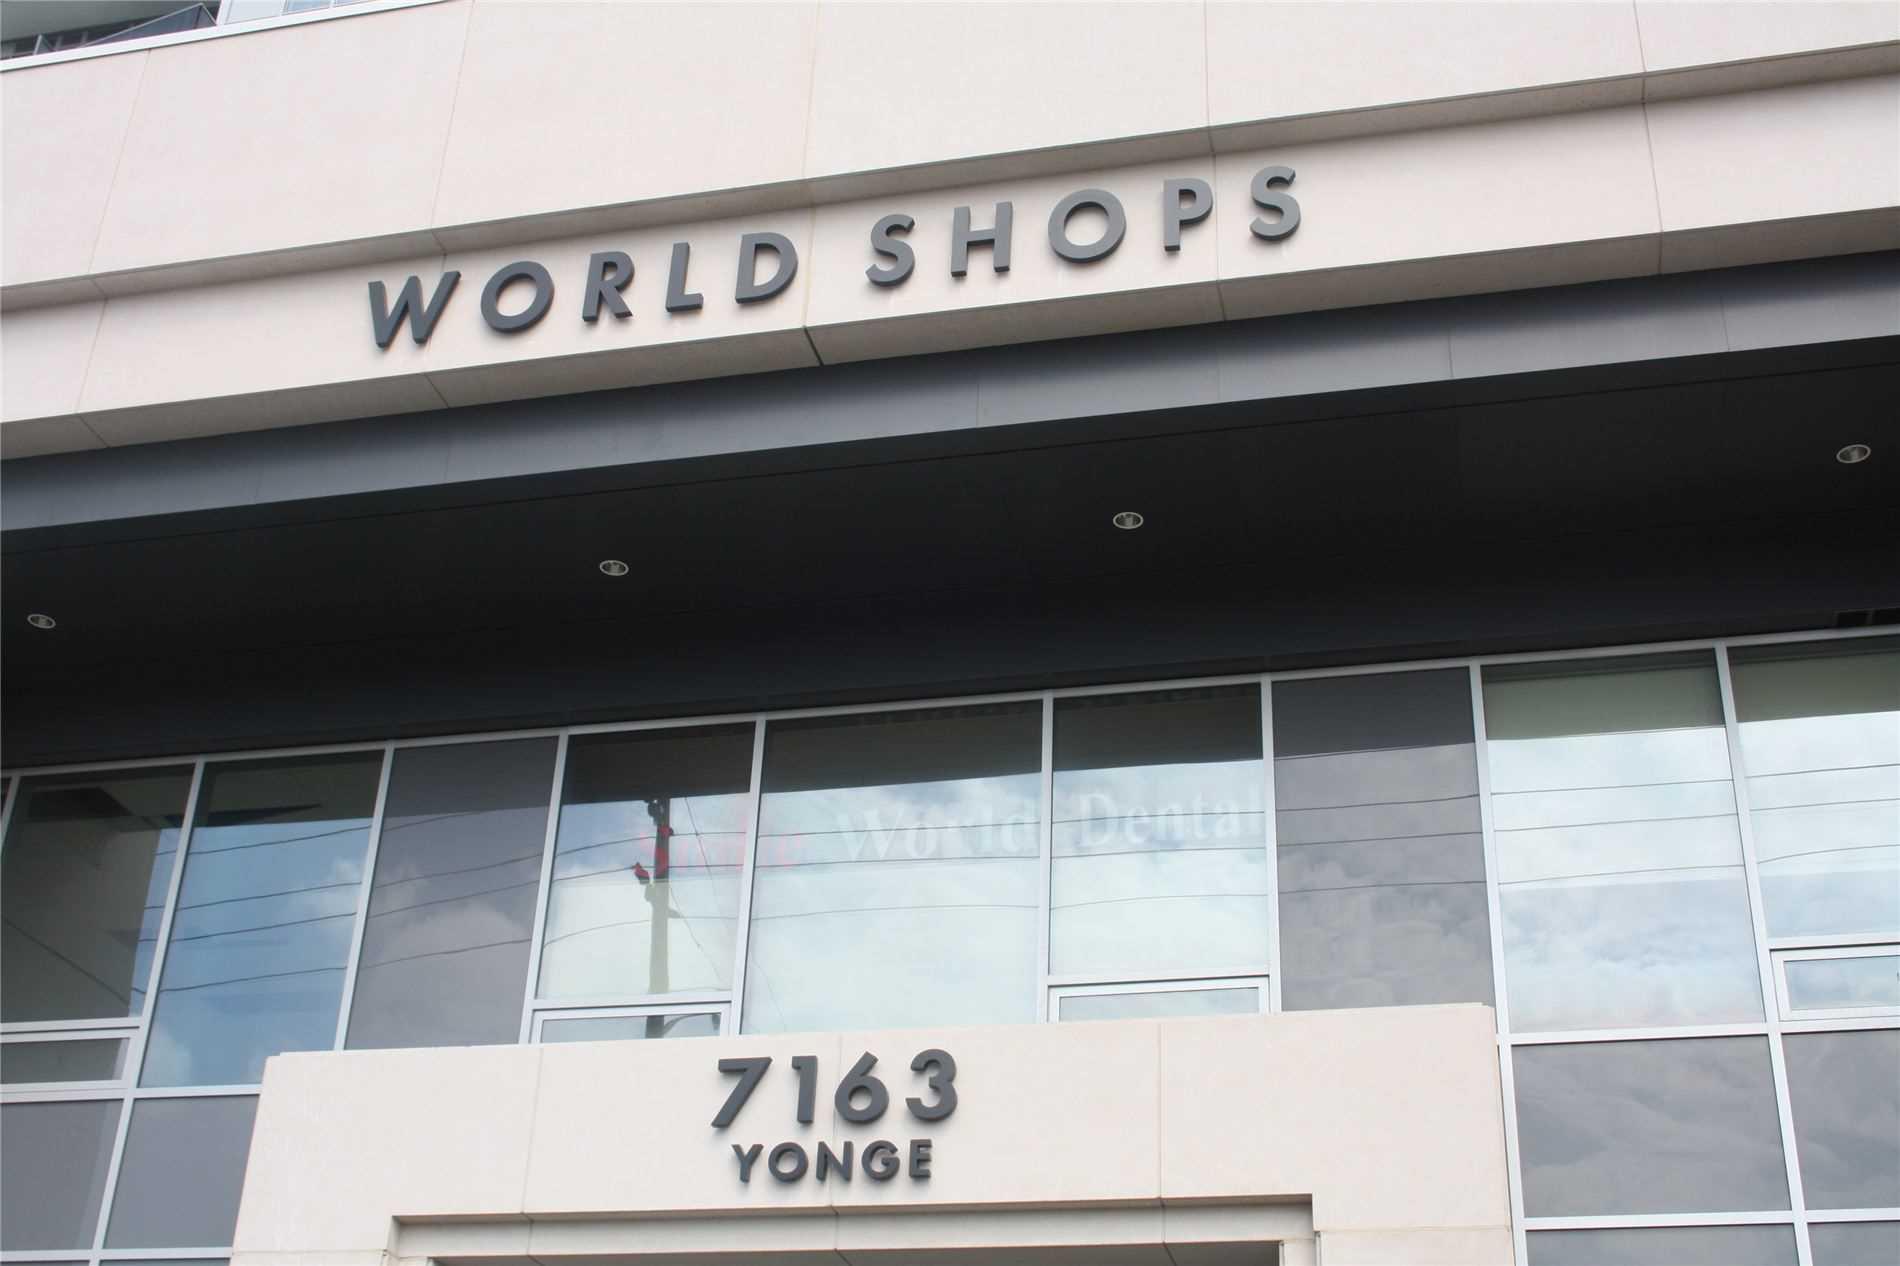 7163-yonge-st